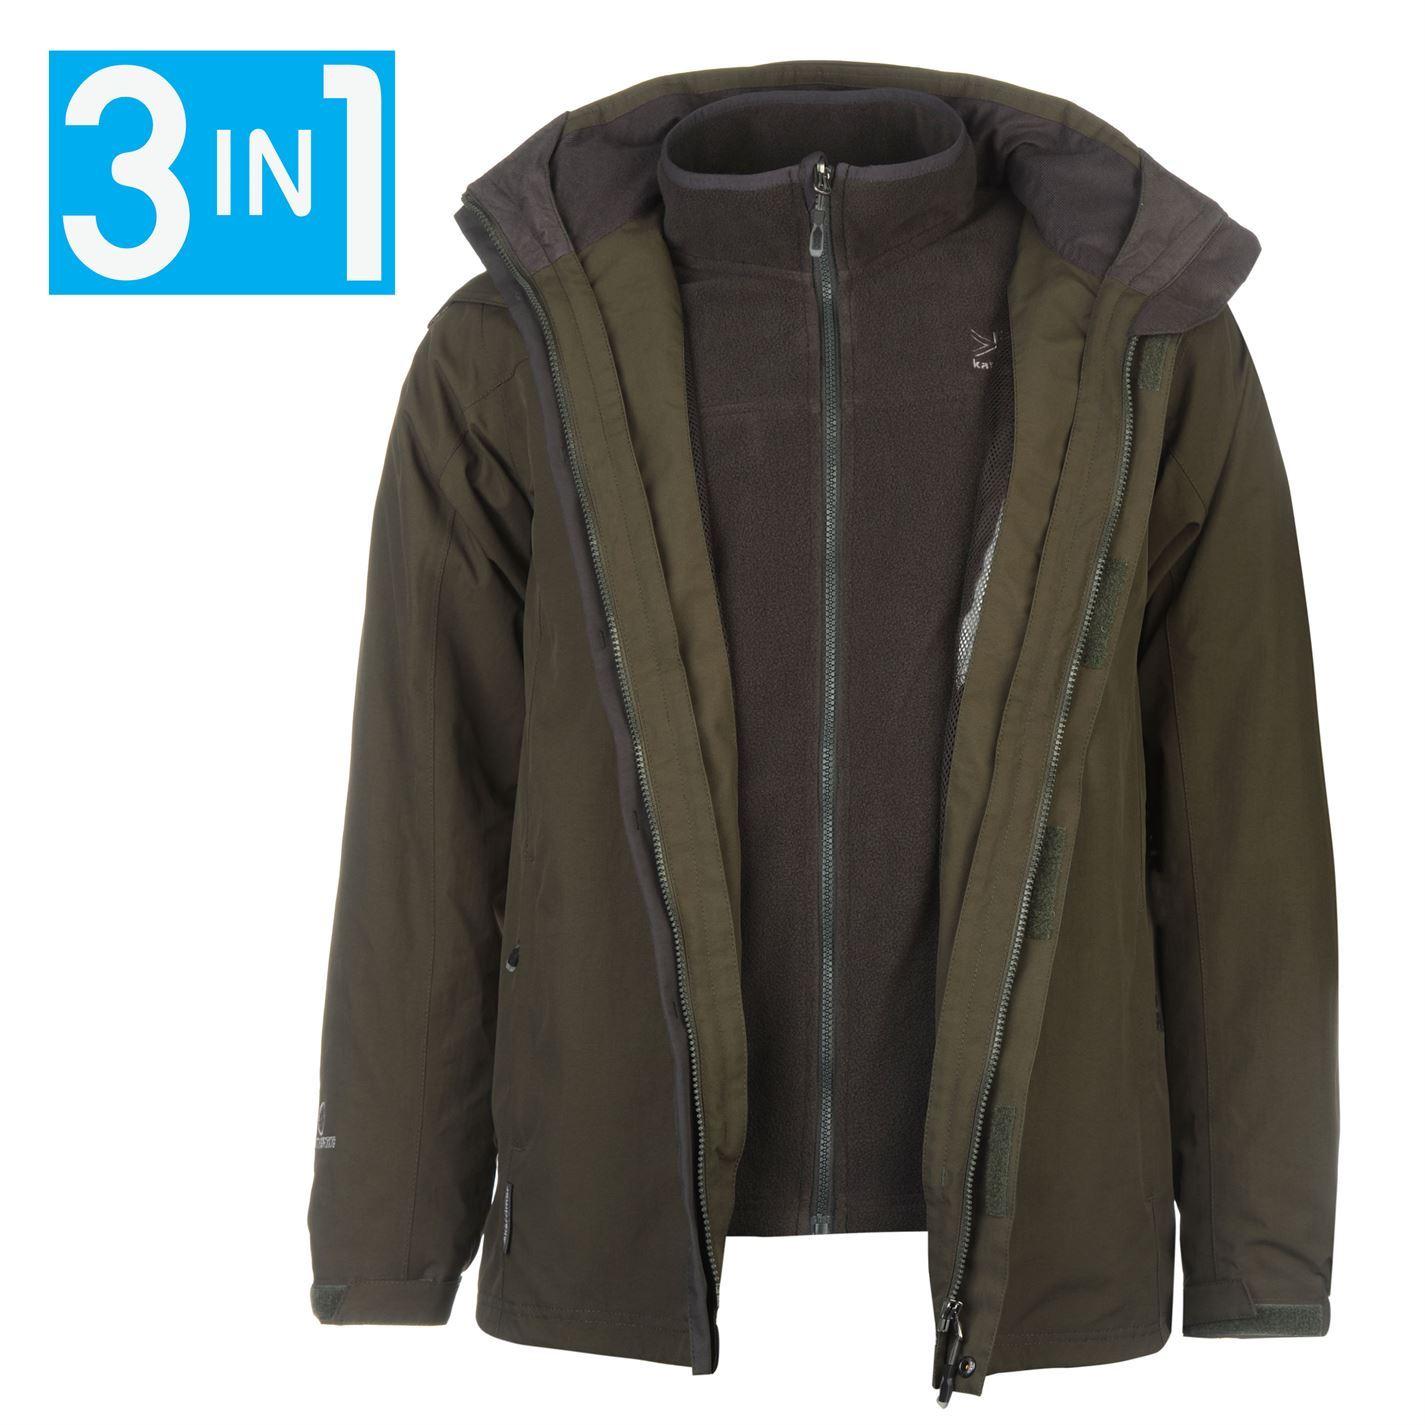 Karrimor mens 3in1 jacket mesh lining concealable hood water resistant